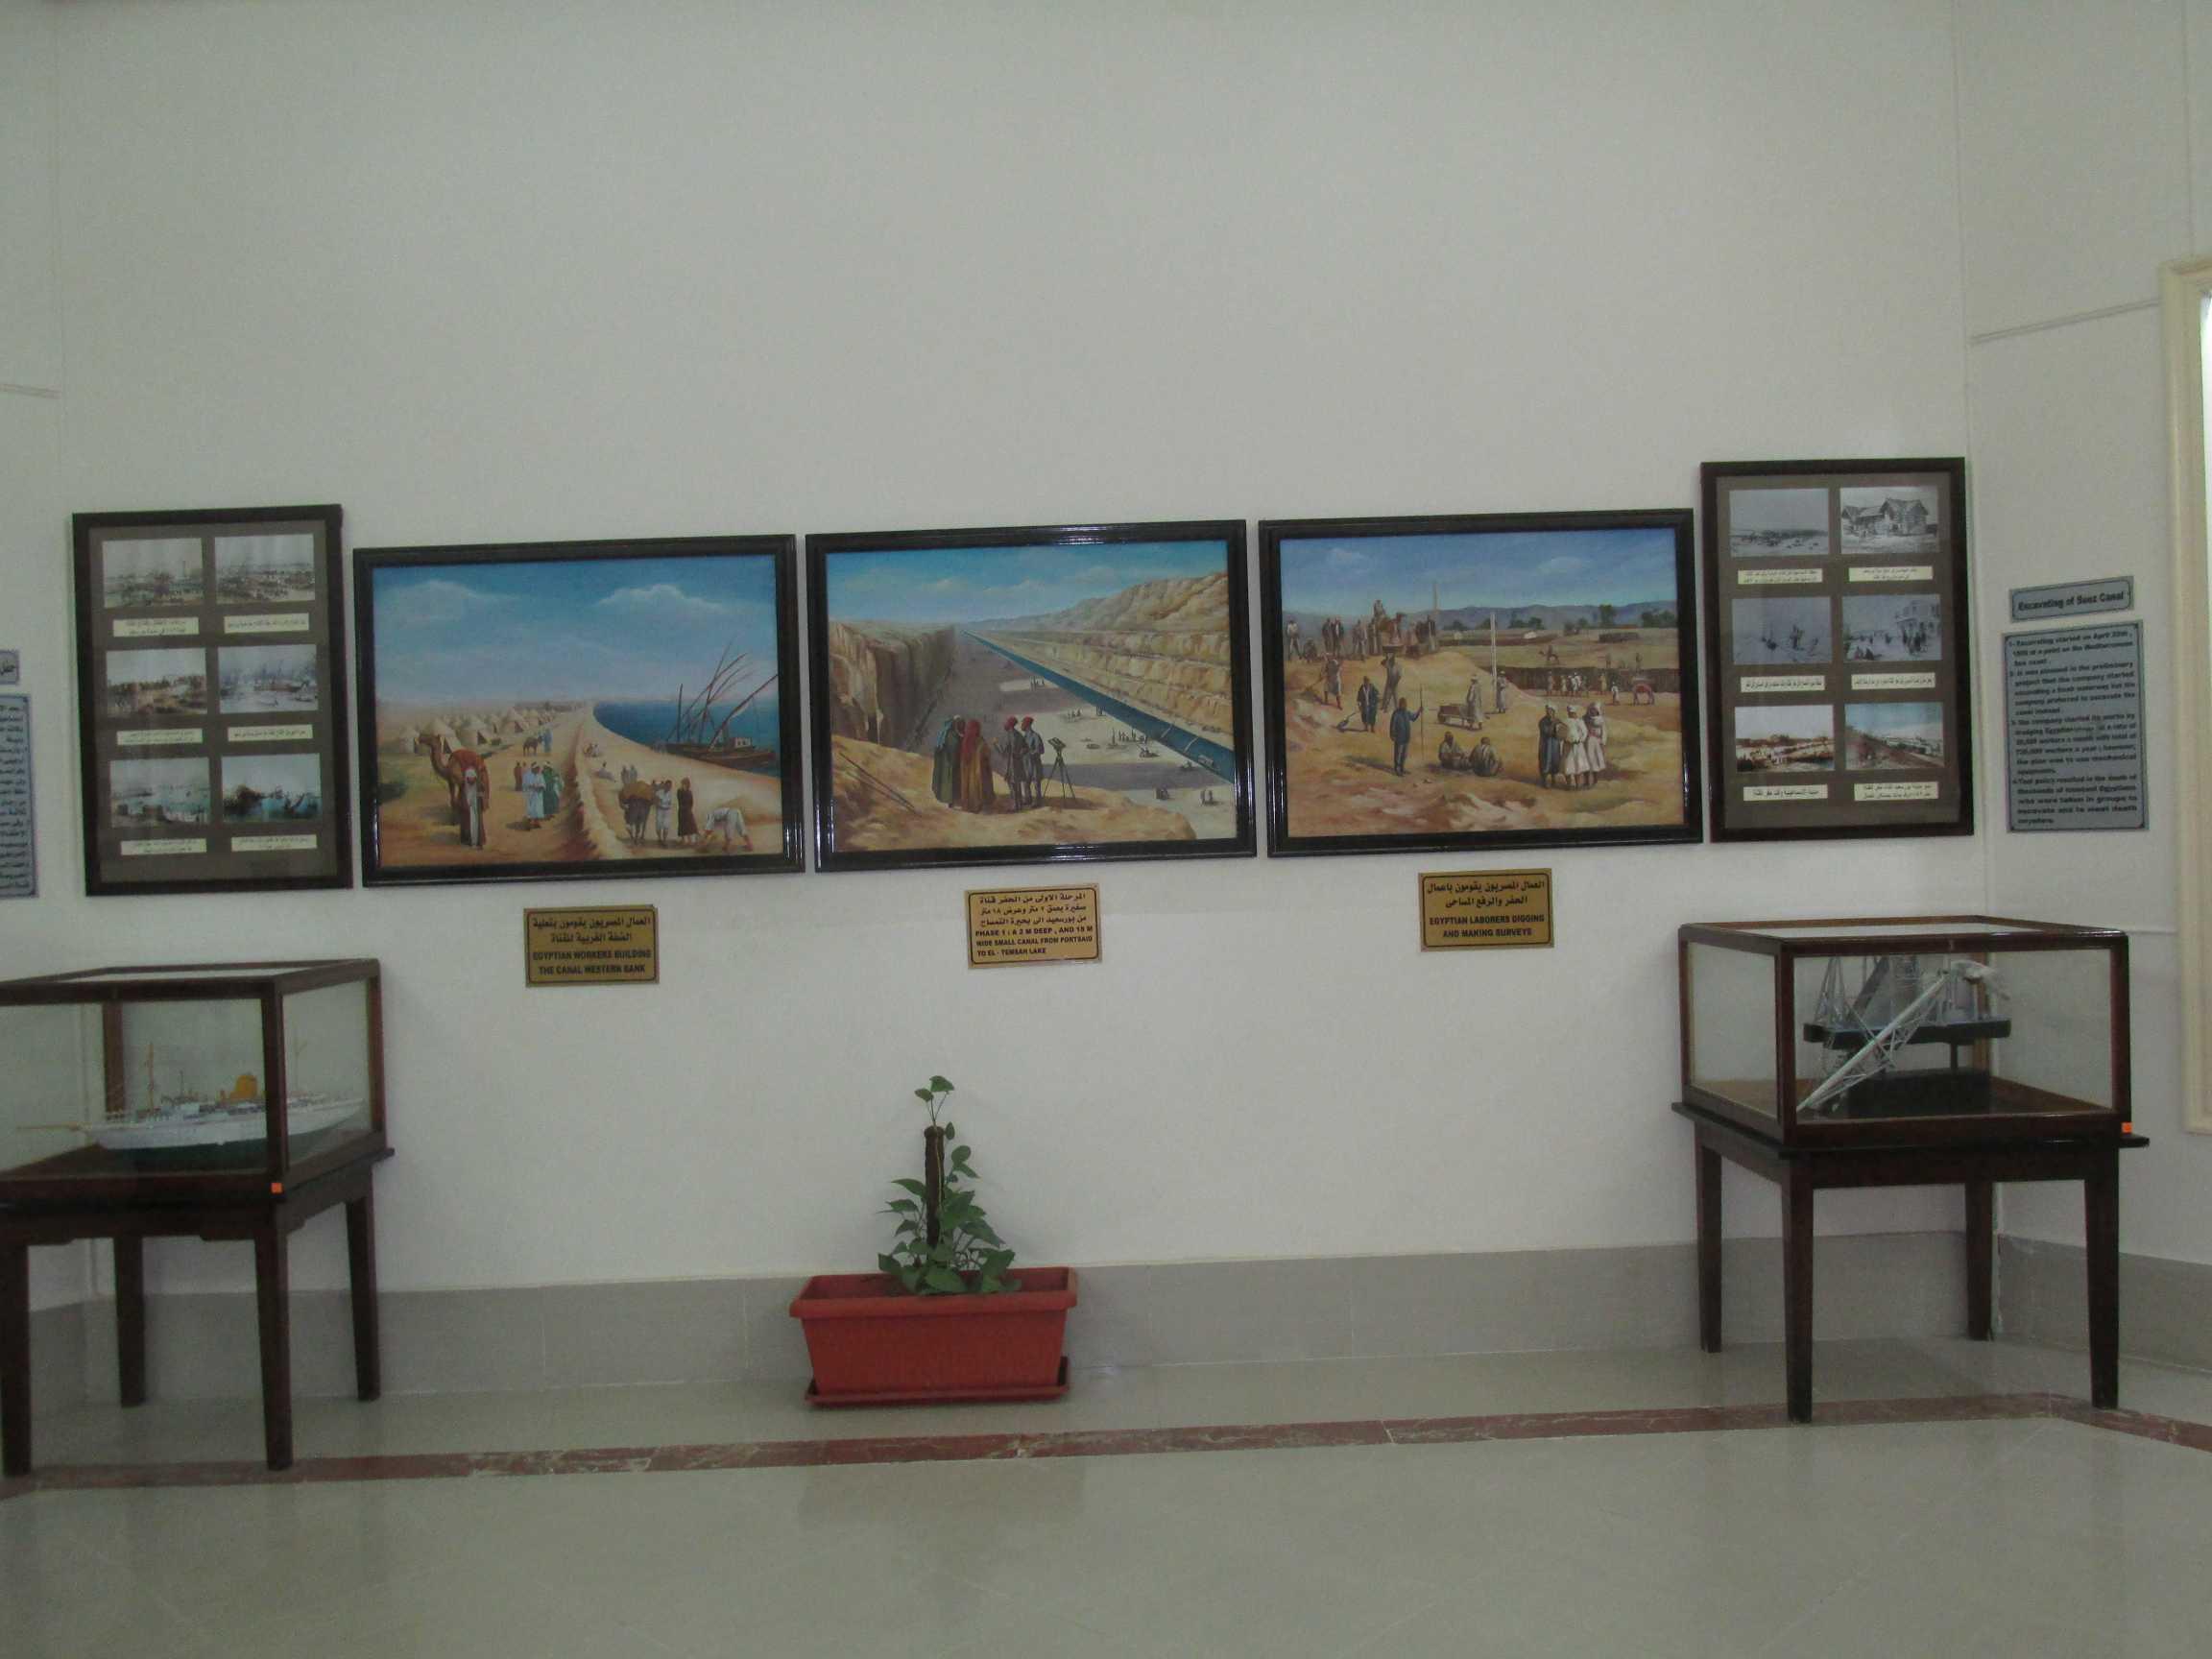 المتحف الحربي بمحافظة بورسعيد (13)